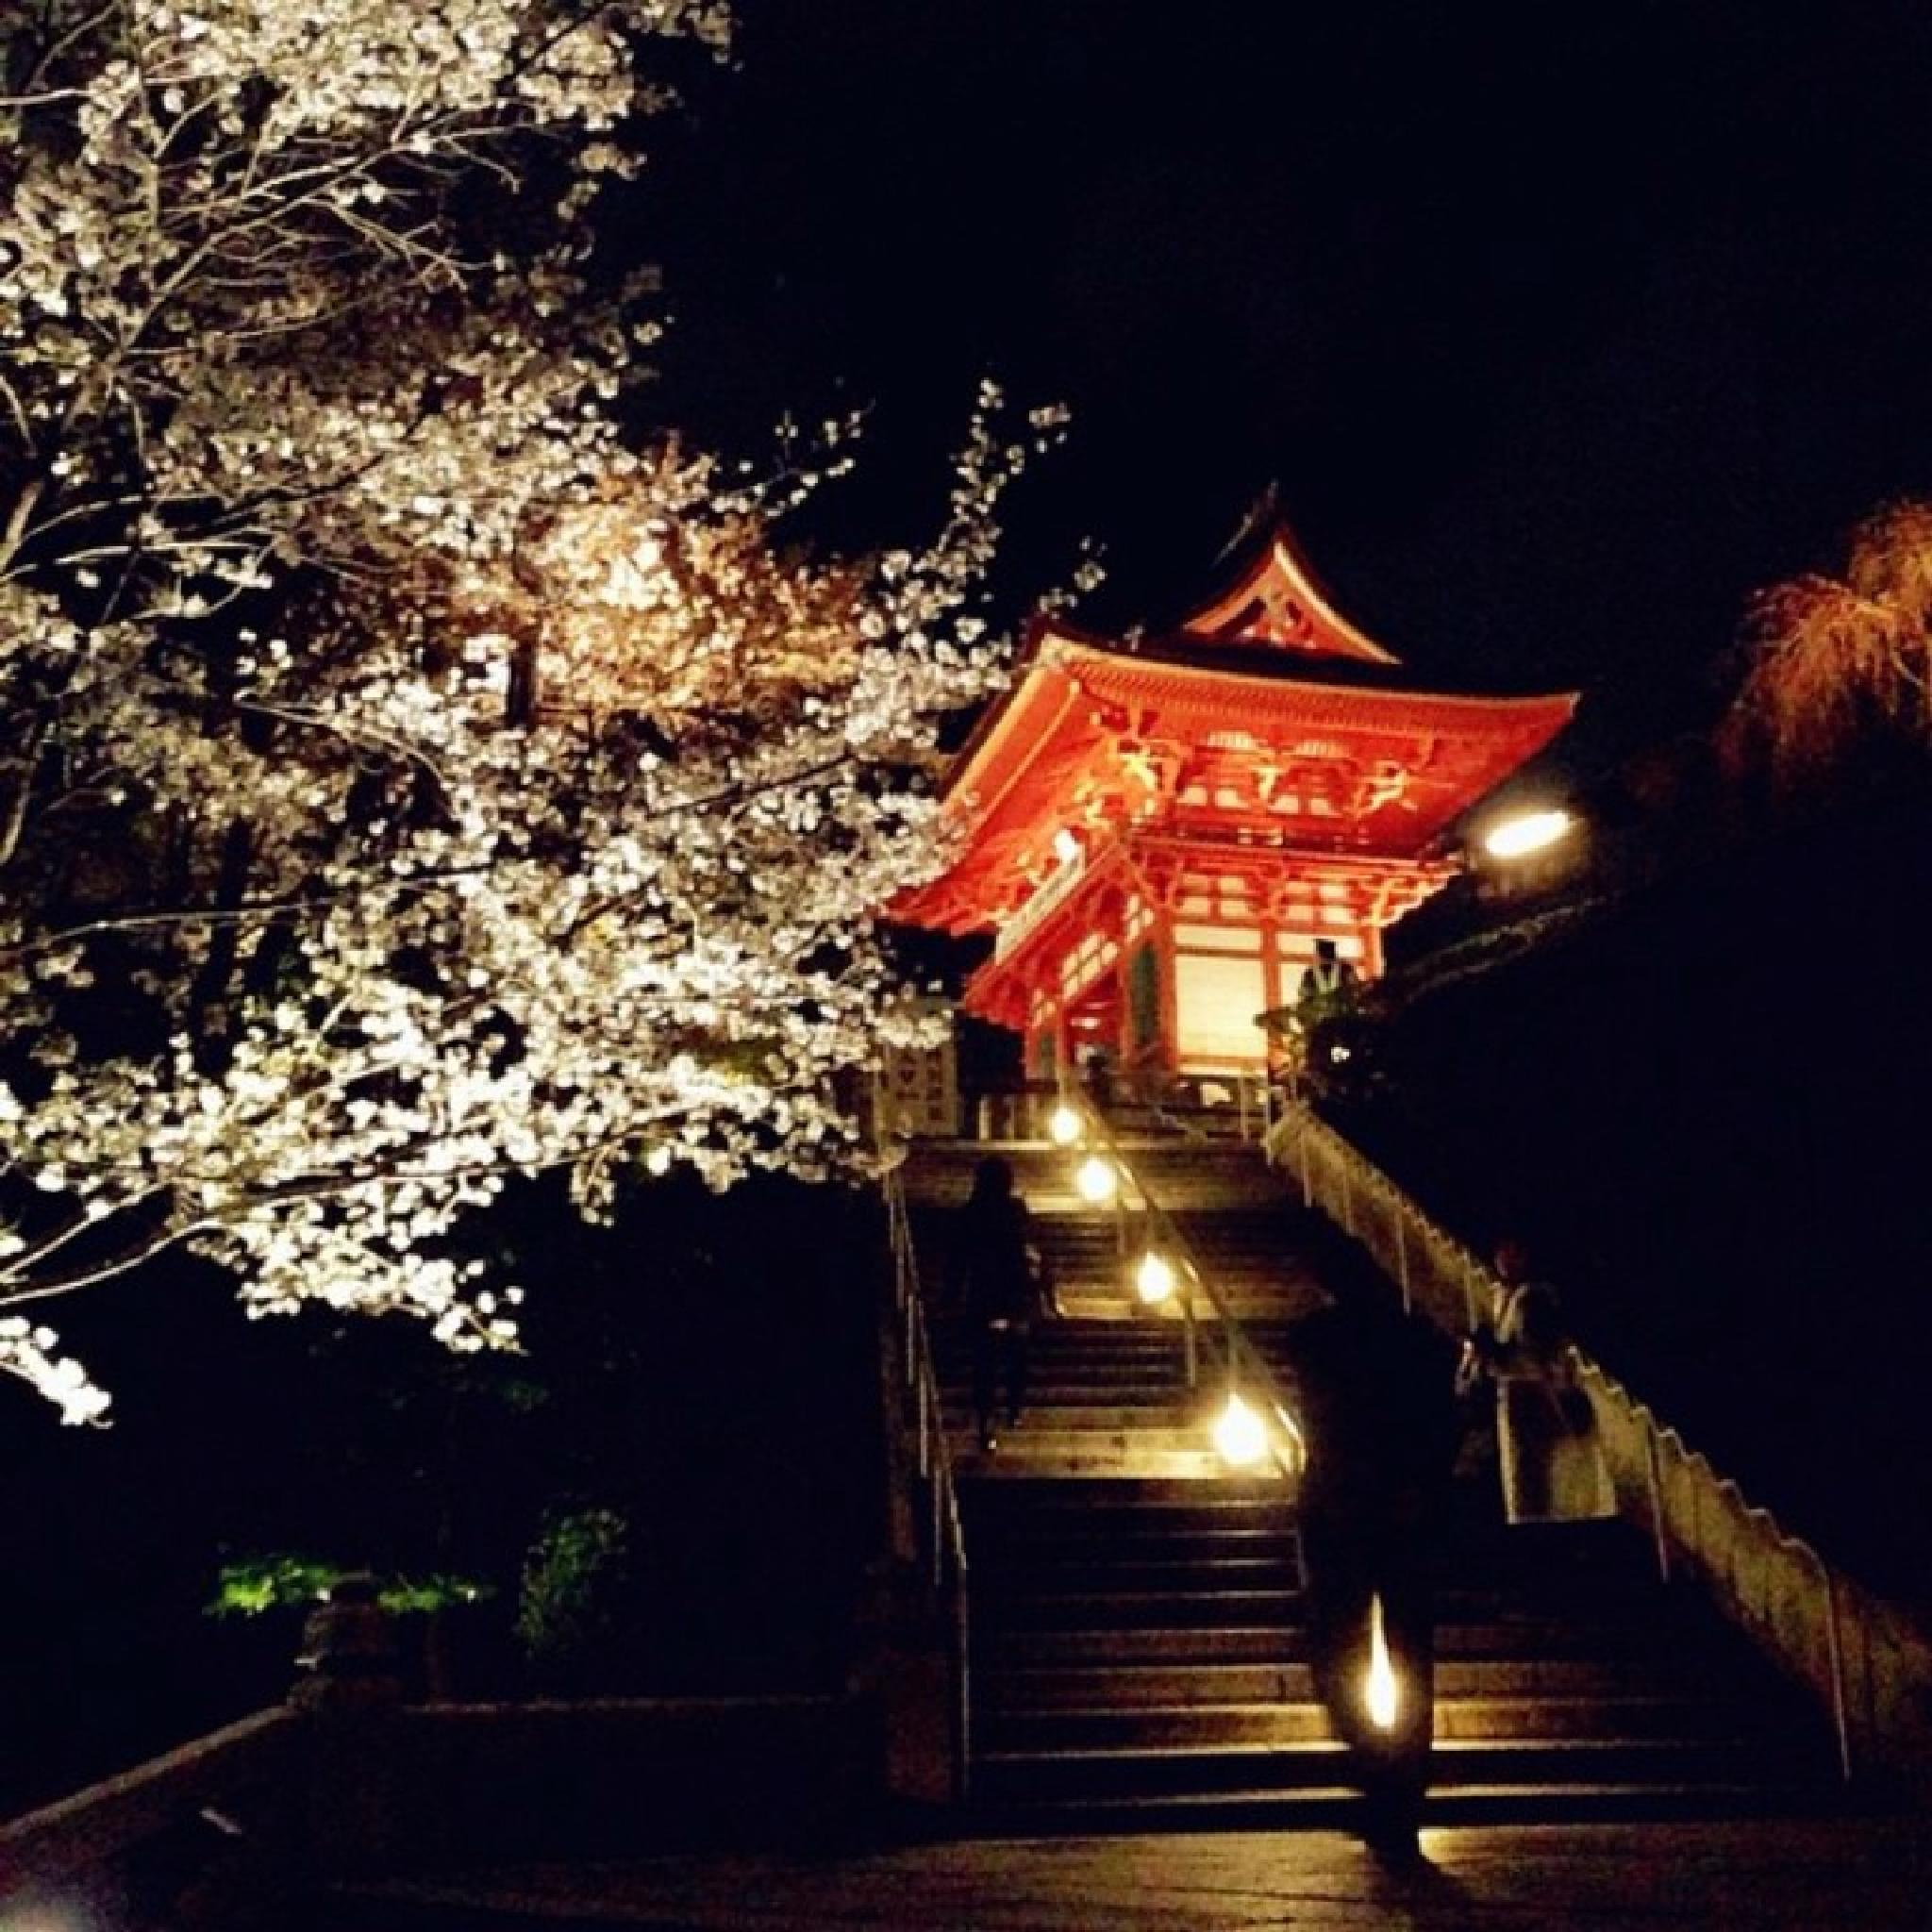 #Higashiyama Temple # by erniisa2